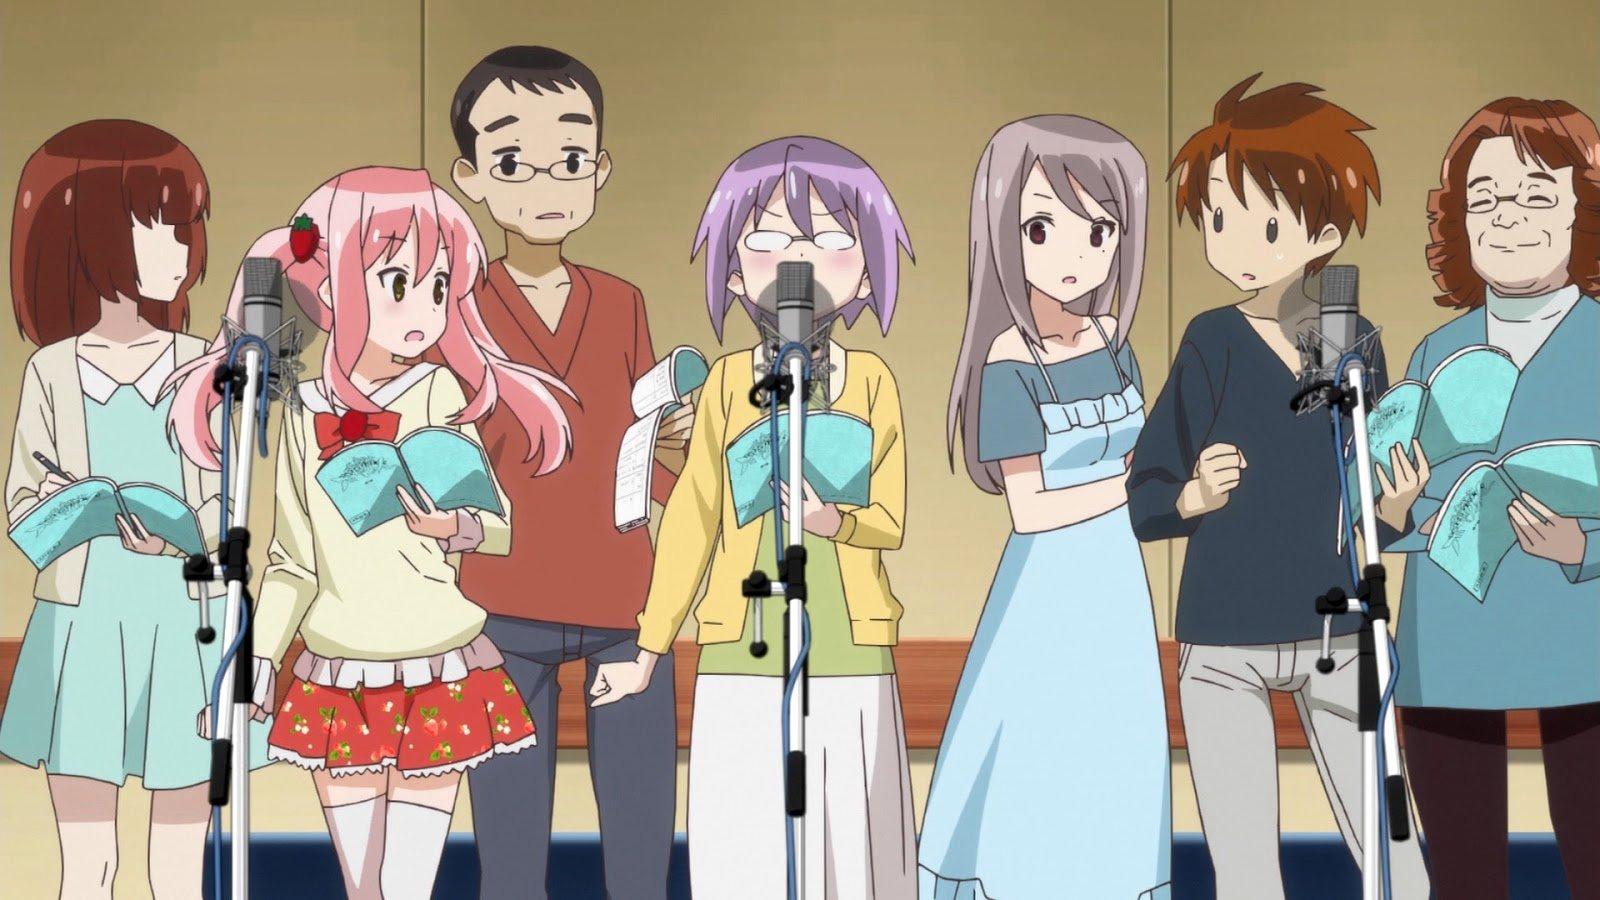 Imagen tomada de un anime donde varias personas están paradas frente a tres micros microbios mientras leen un guion y al fondo se ve una pared de color mostaza.